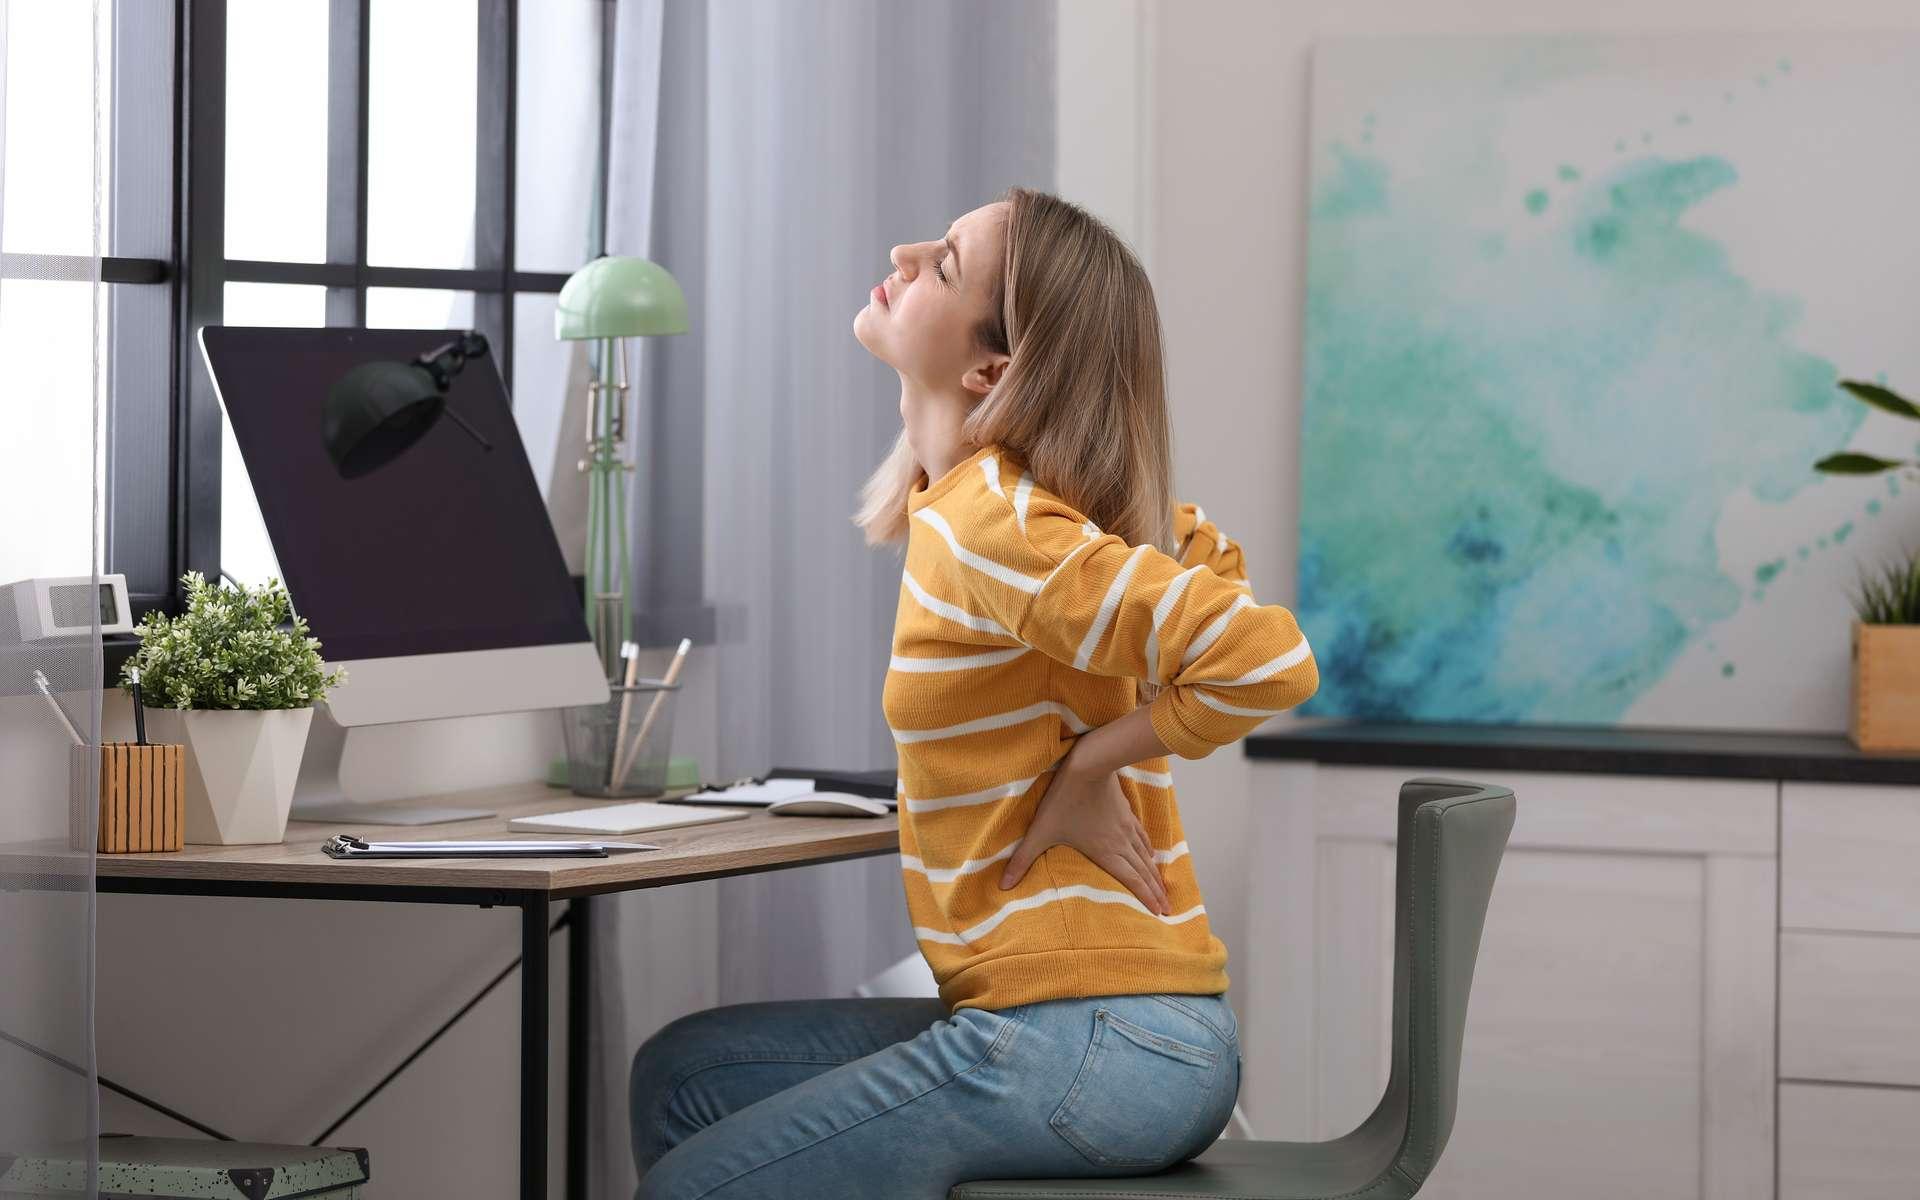 Nous sommes nombreux à souffrir de mal de dos, souvent en raison d'un manque d'activité ou d'une mauvaise posture. Voyons quelles solutions existent pour atténuer nos douleurs. © New Africa, Adobe Stock